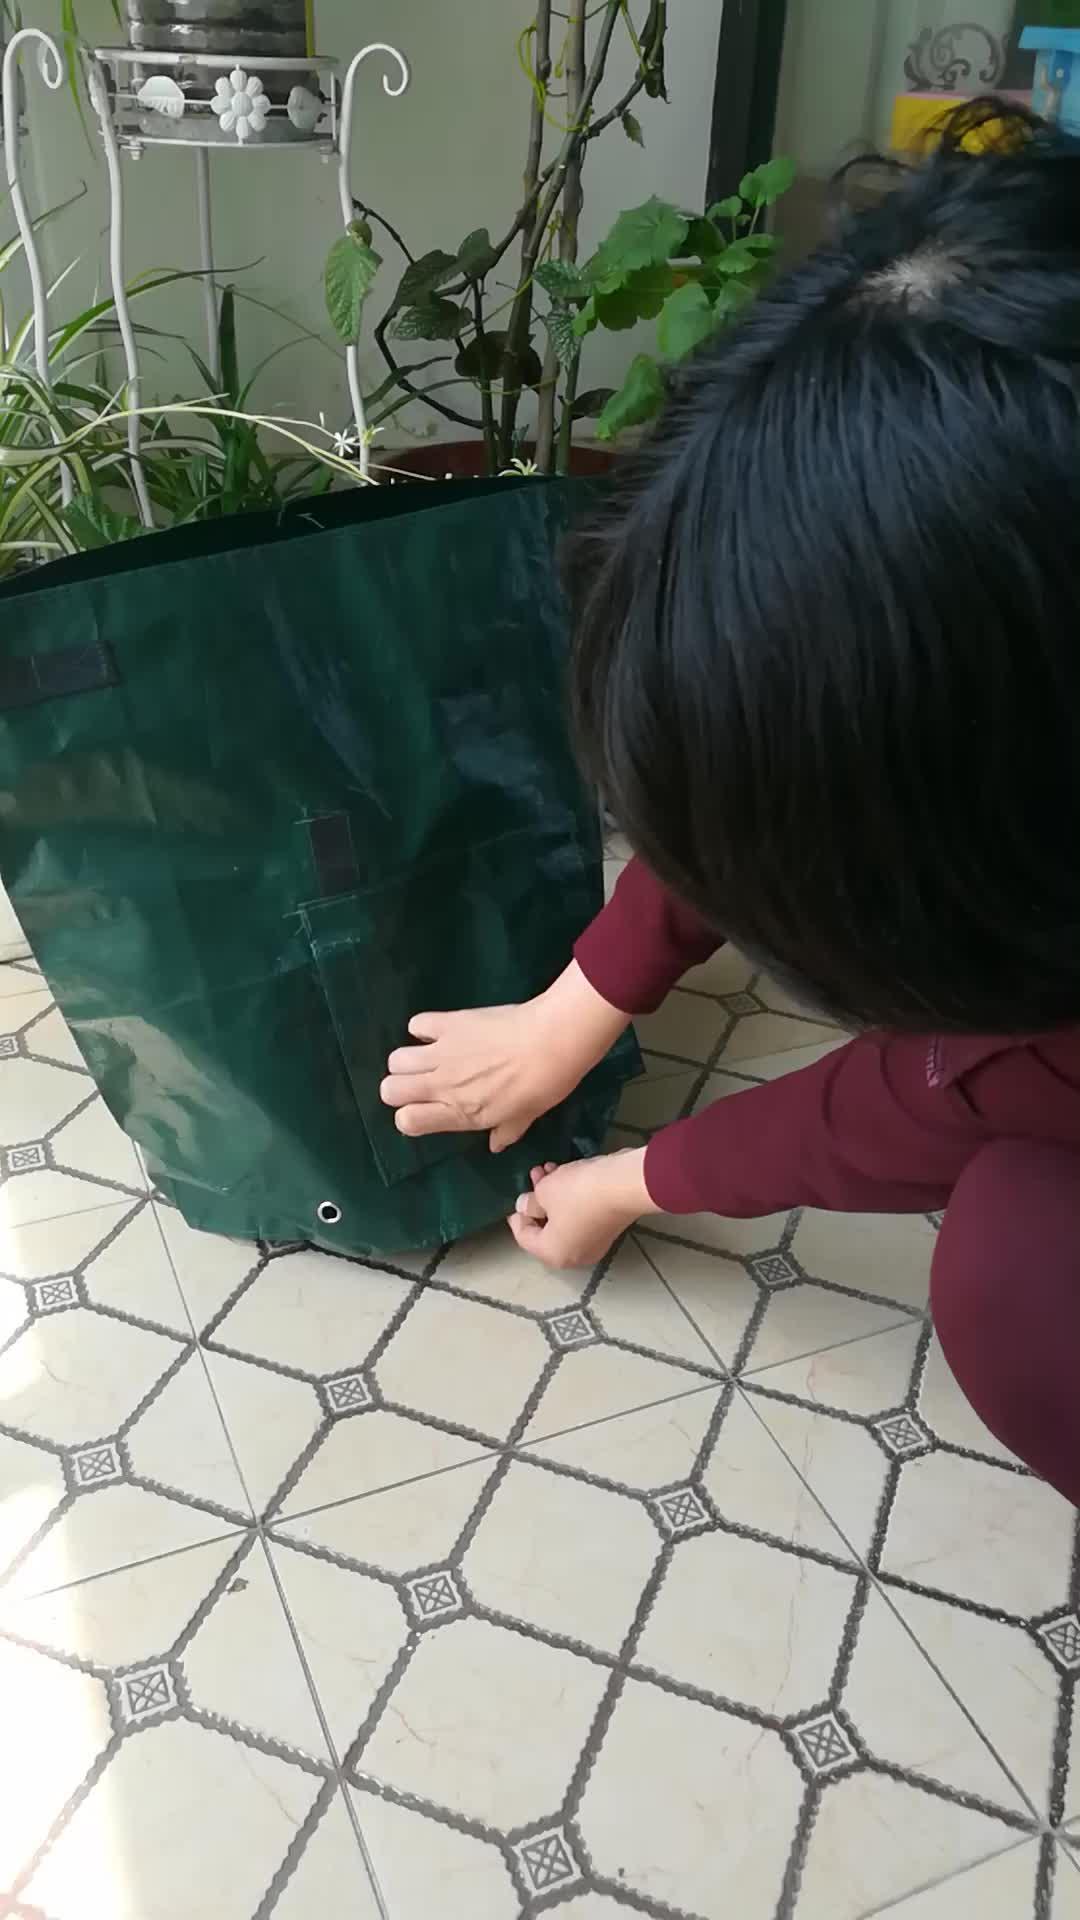 Đường kính 35 cm/Chiều Cao 45 cm 10 Gallon 40L Vườn Khoai Tây Planter Phát Triển Túi Xách, Grow Bag Nhựa Vườn Túi rác